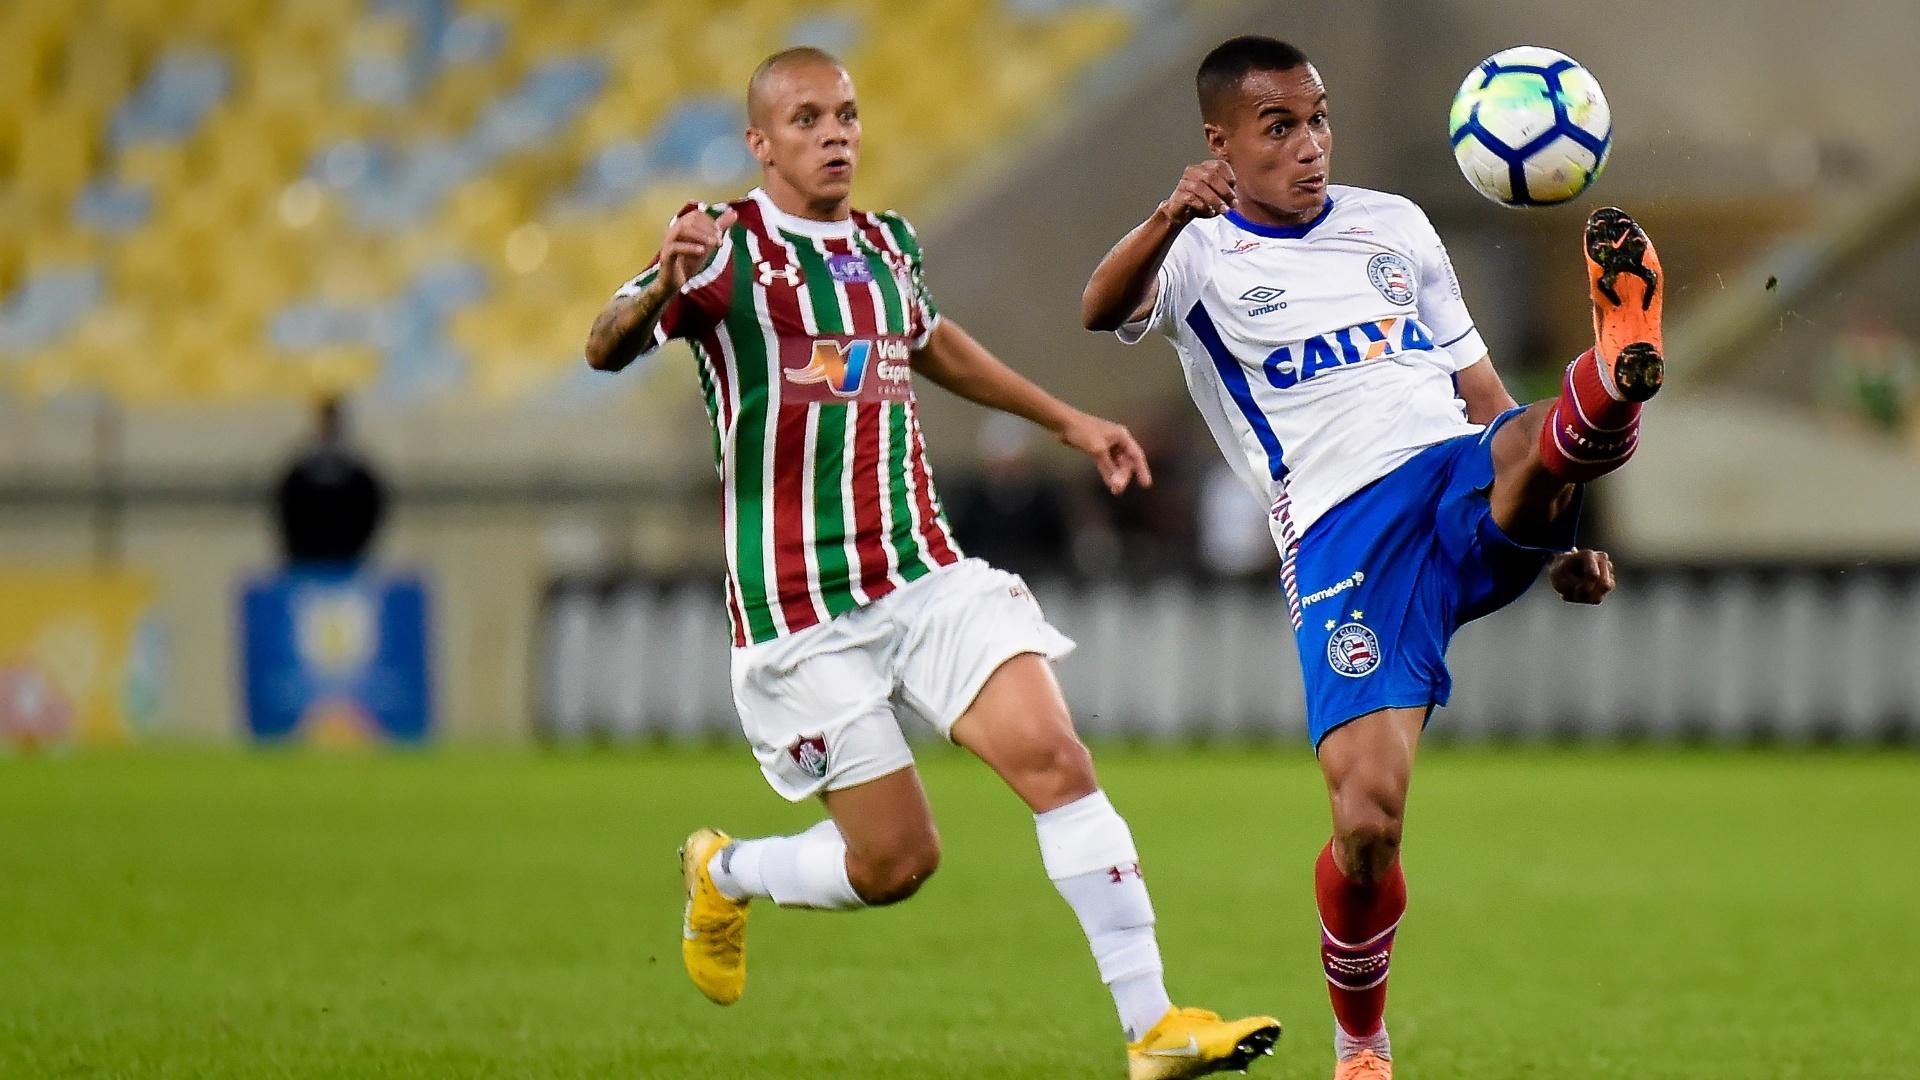 Jogadores de Fluminense e Bahia disputam a bola